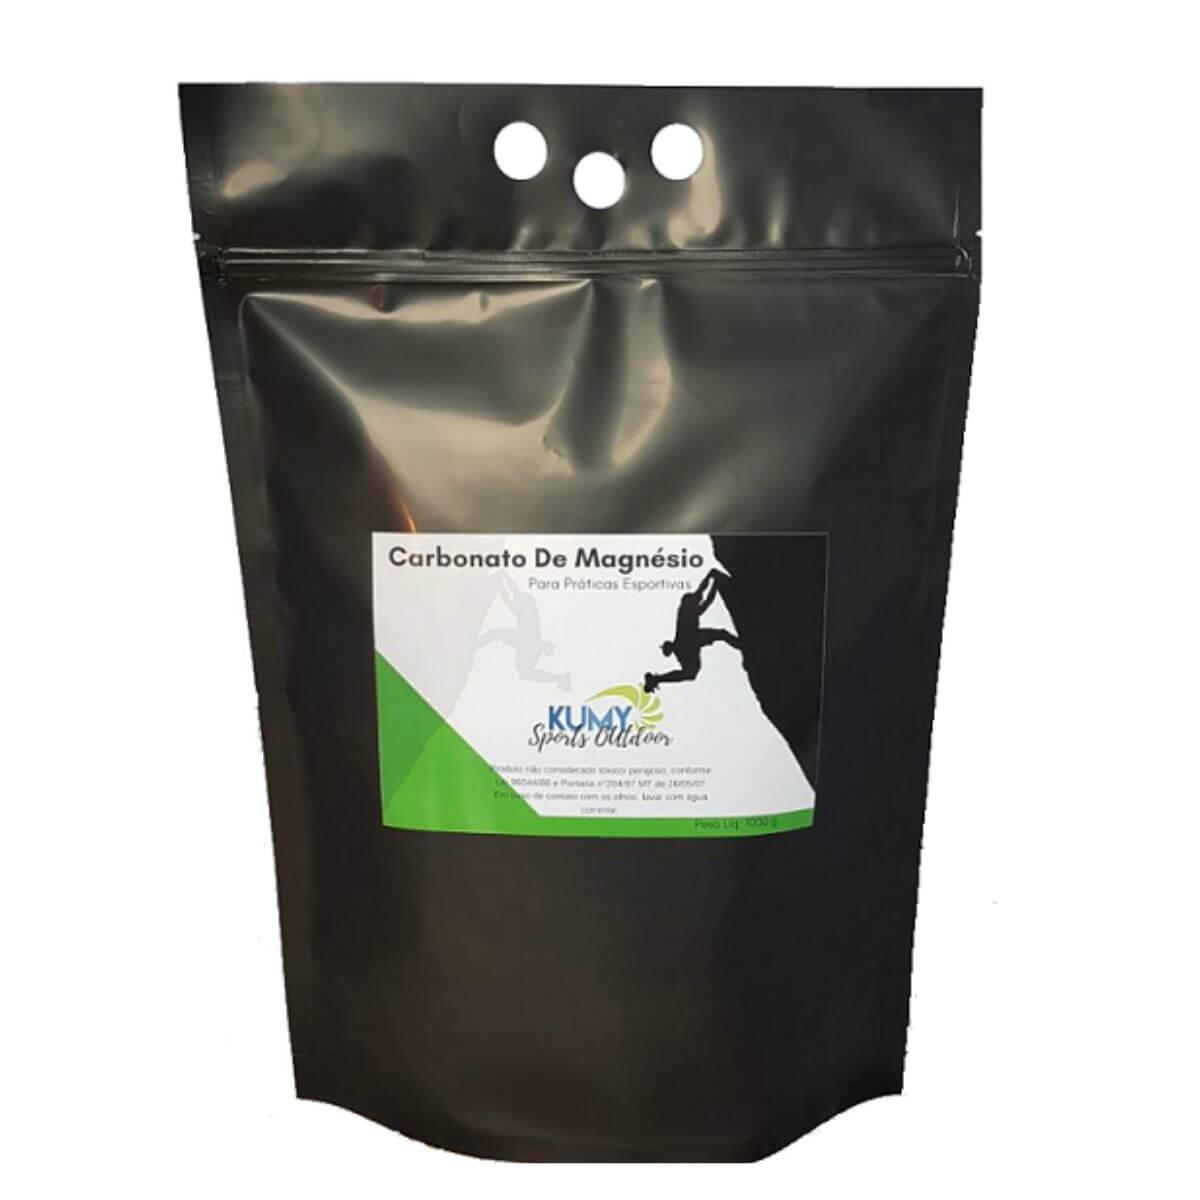 Carbonato De Magnesio 5 Kg - Escalada / Crossfit / Escalada